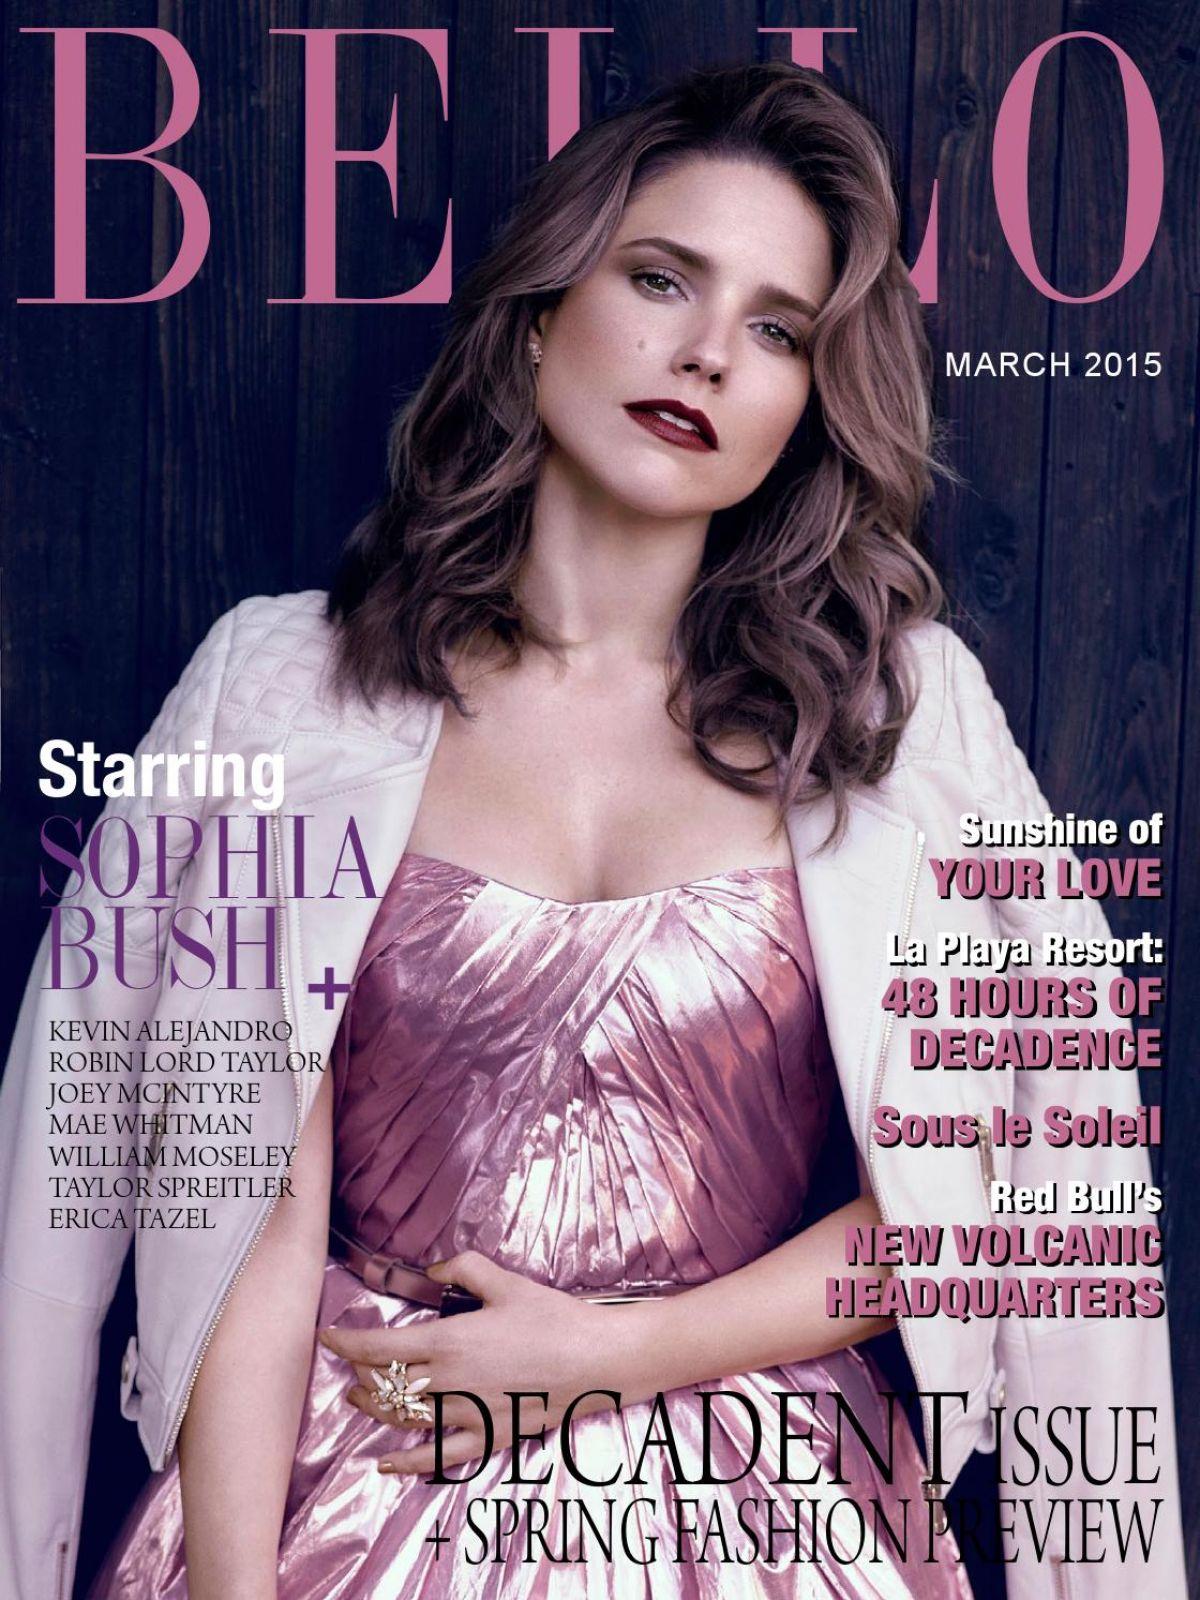 sophia-bush-in-bello-magazine-march-2015-issue_2